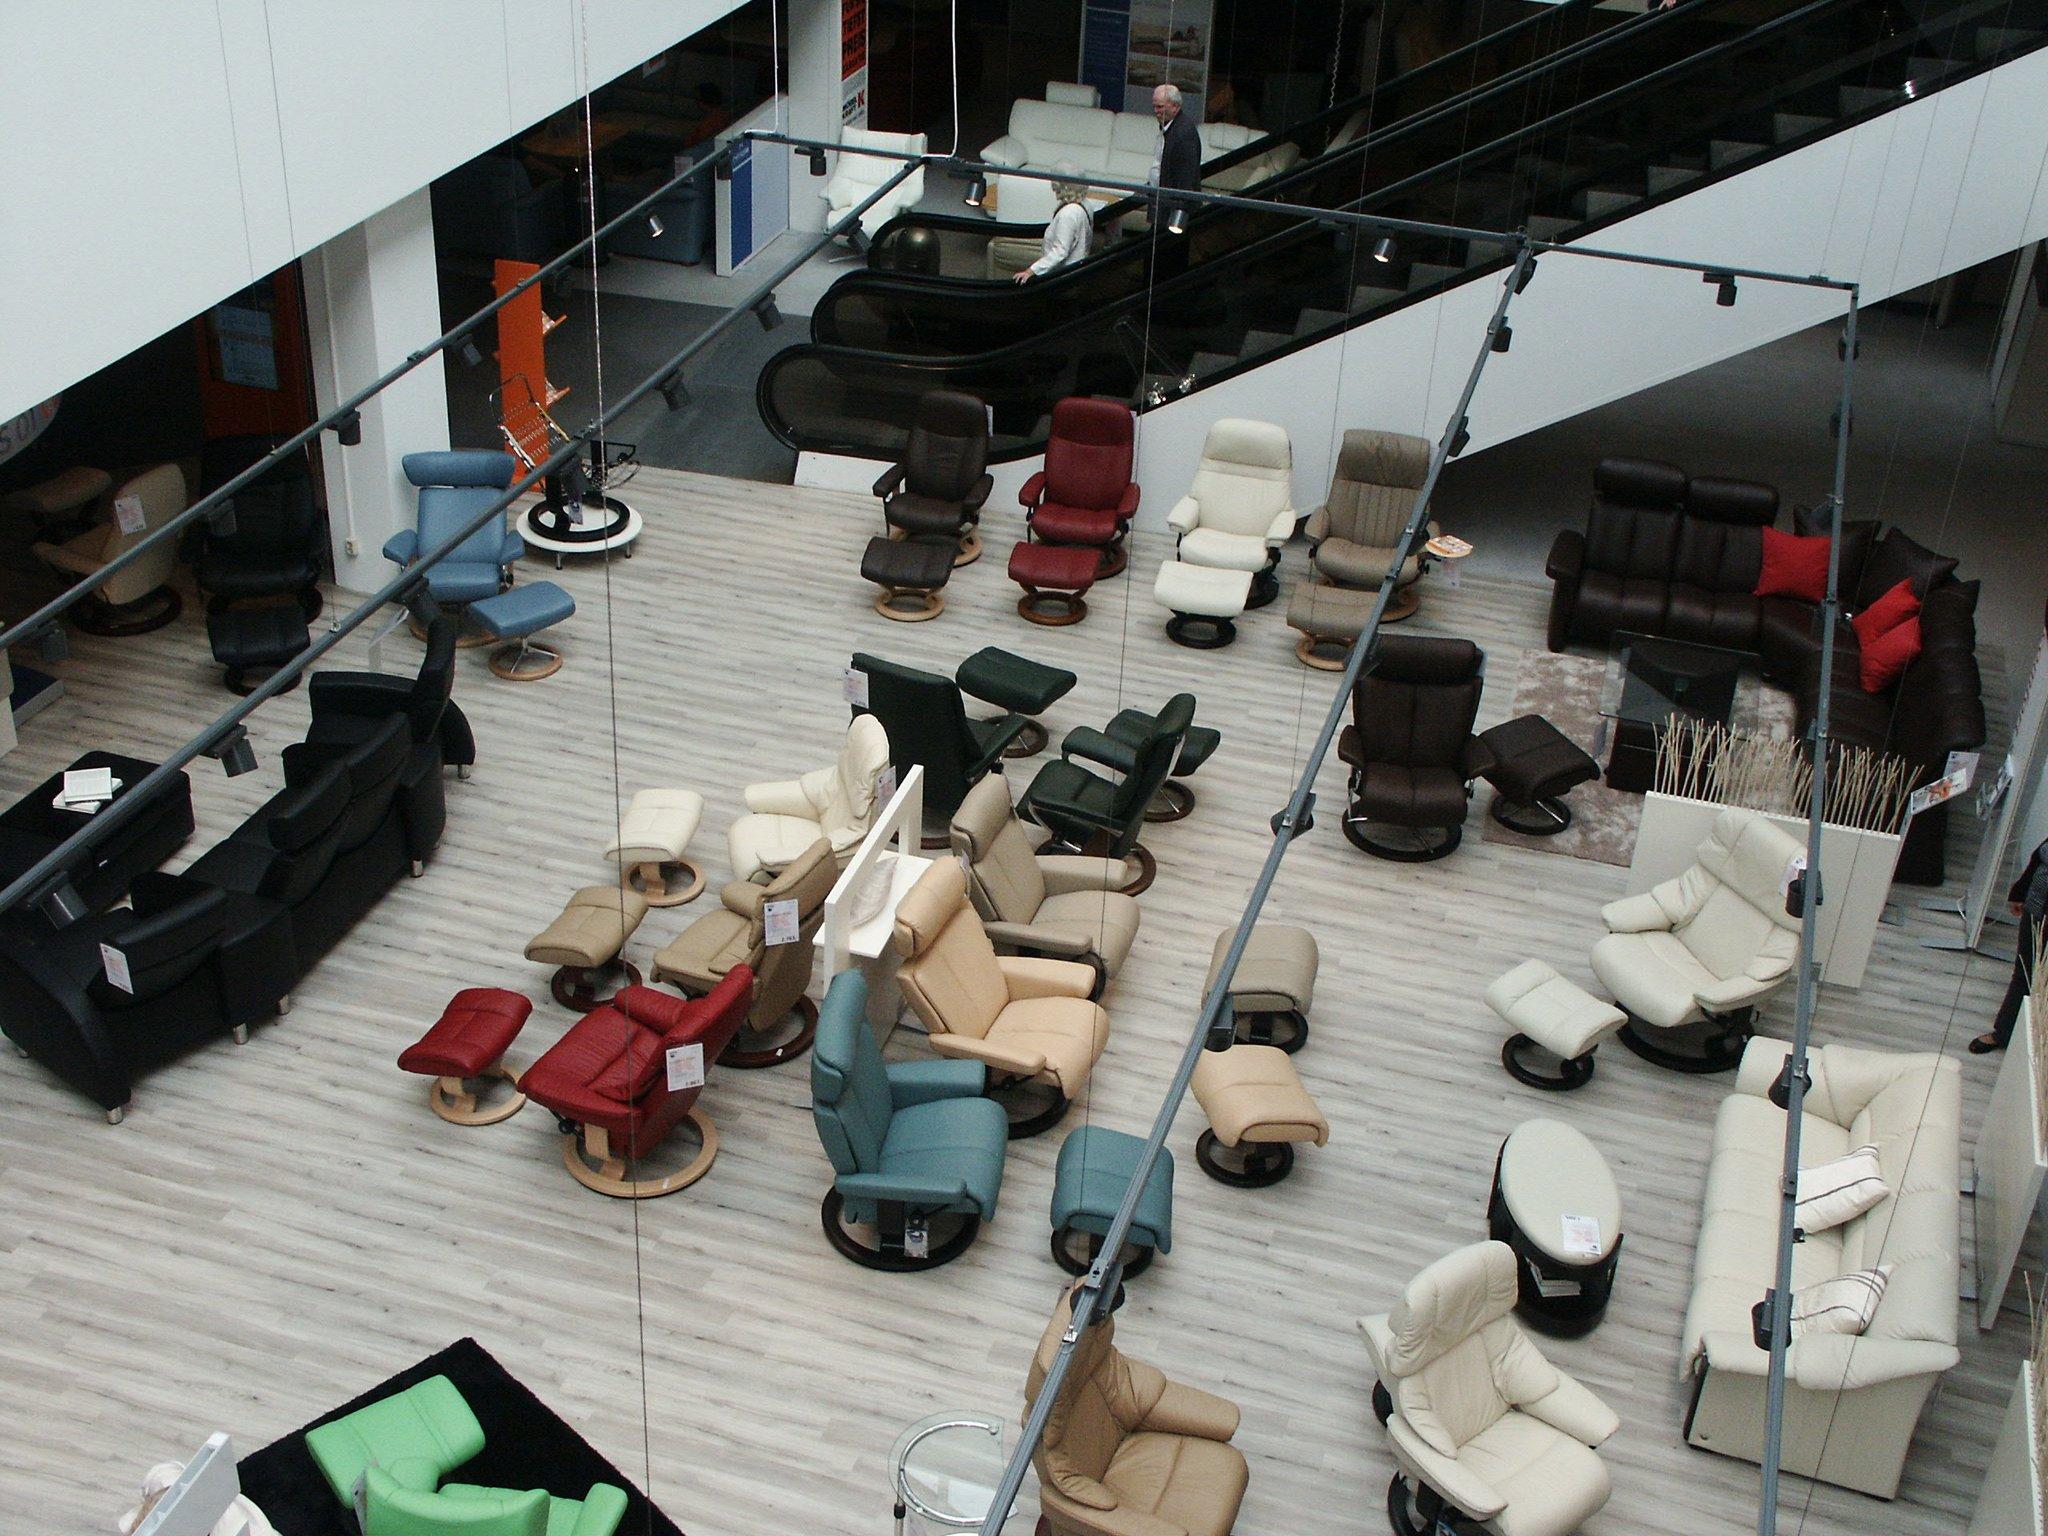 Möbel Kraft Eröffnete Mit Vielen Sonderangeboten In Der Pankstraße